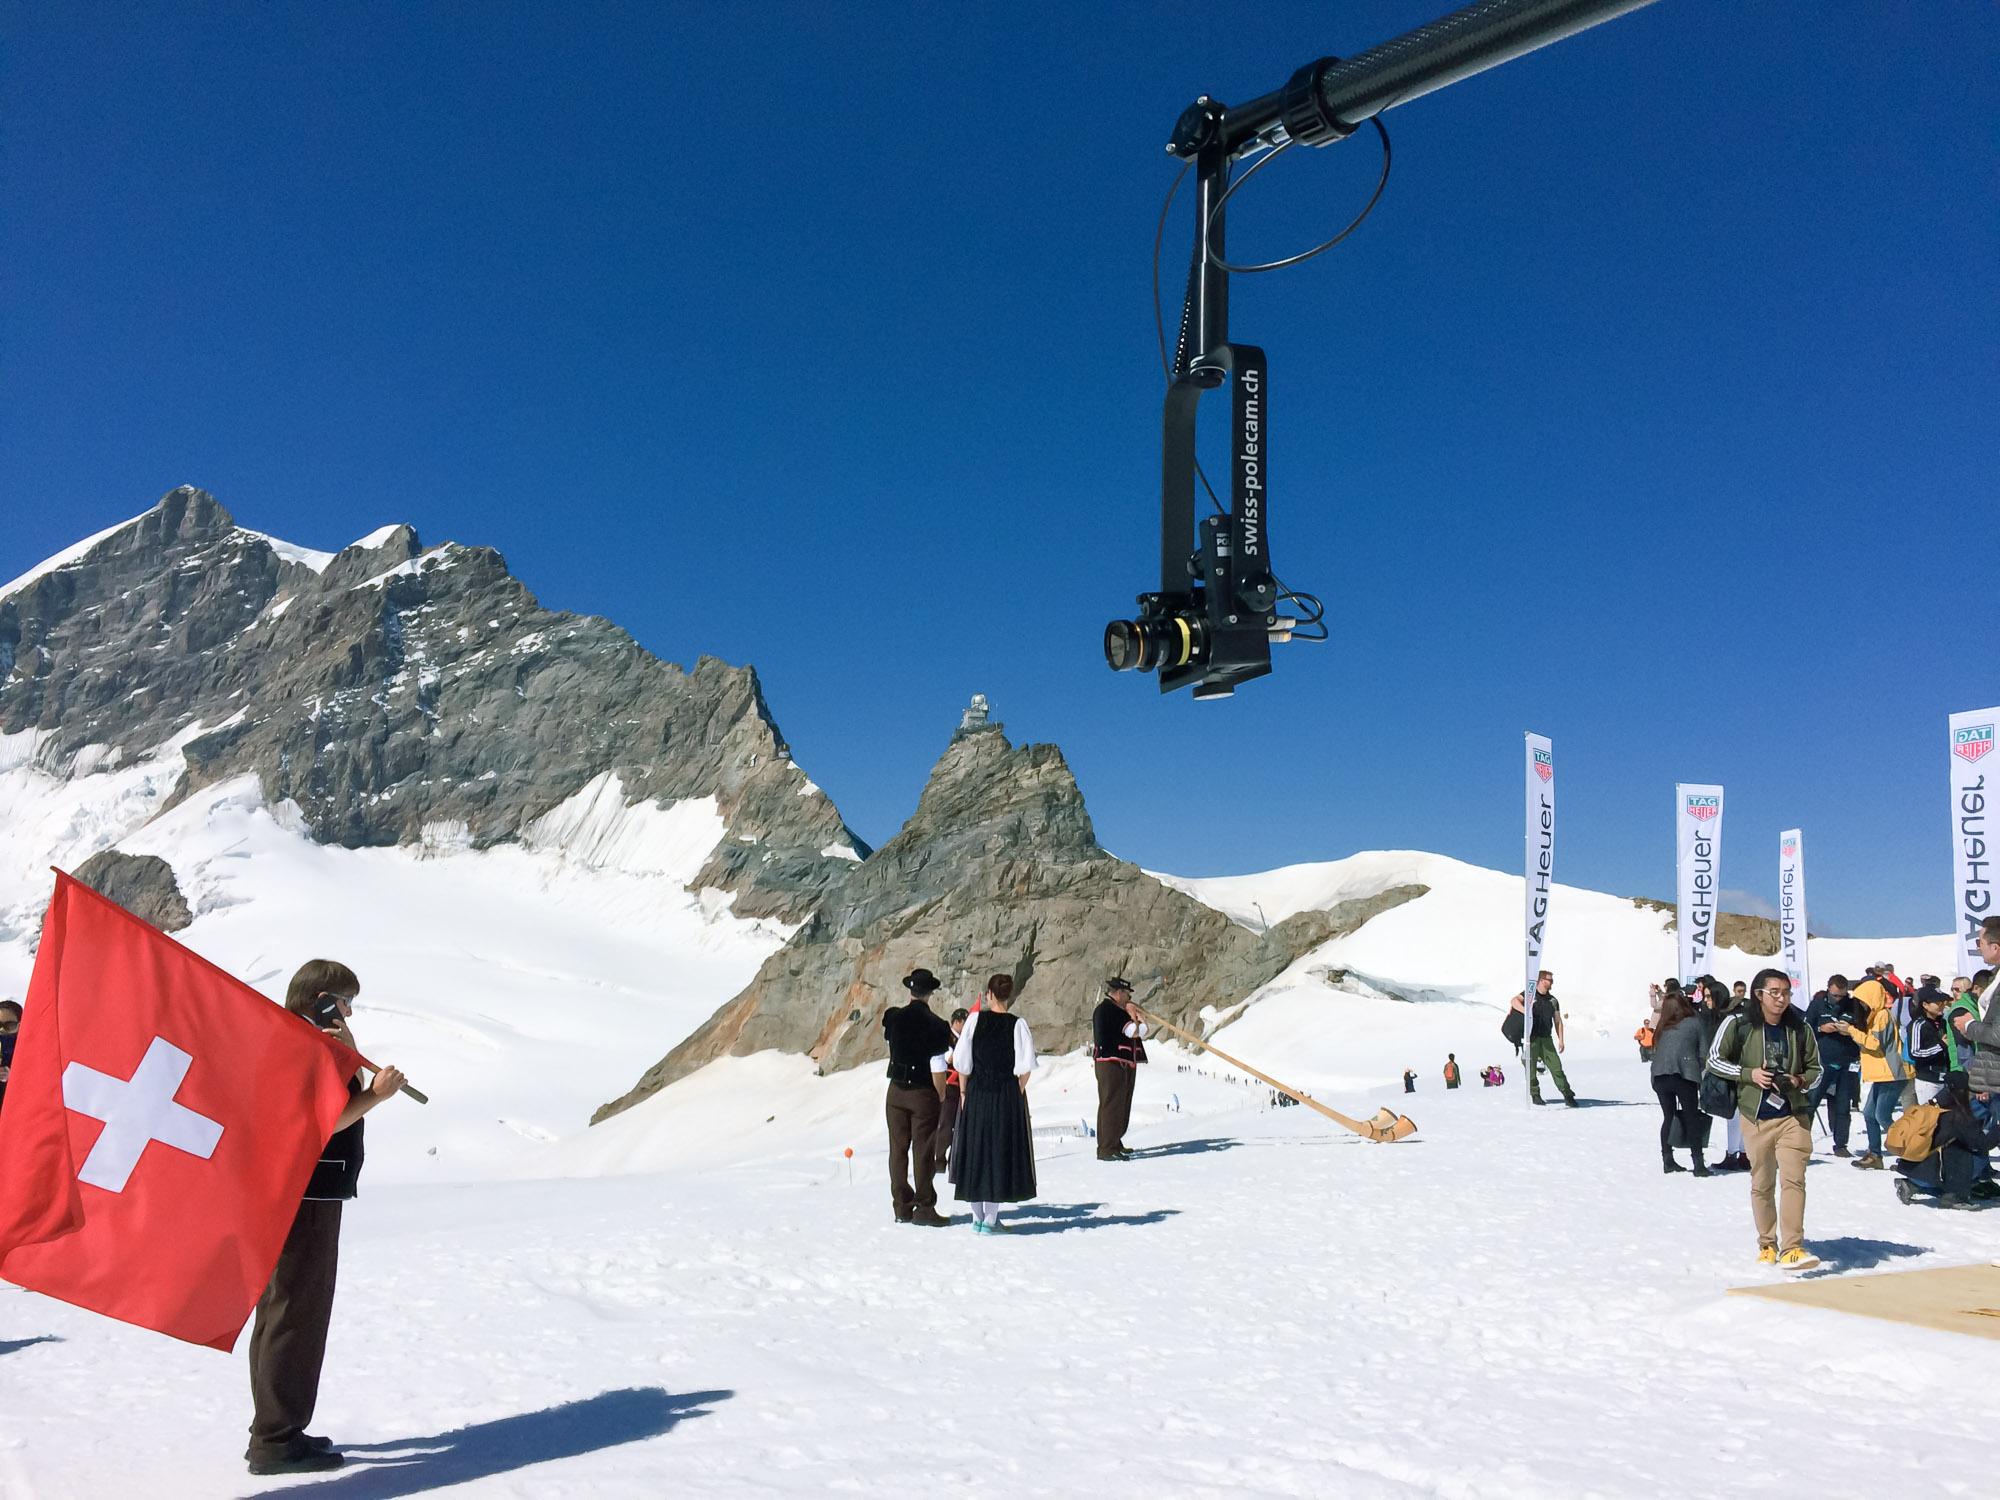 Polecam @ Jungfraujoch